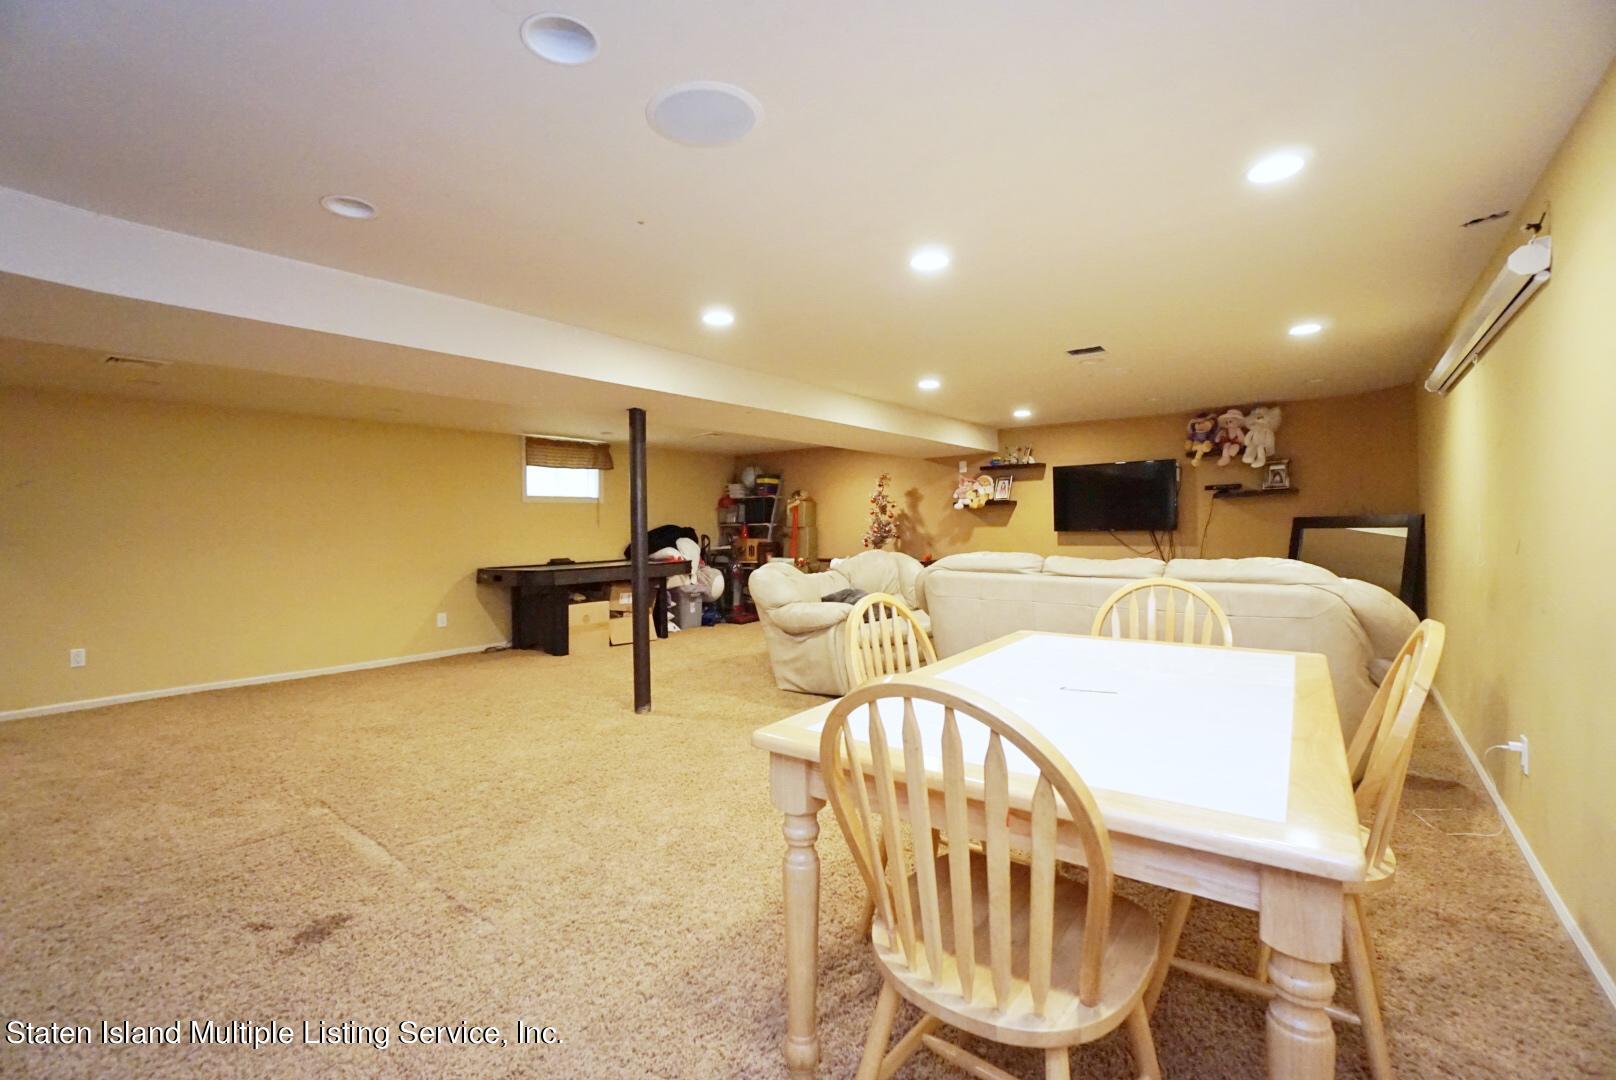 Single Family - Detached 206 Ramapo Avenue  Staten Island, NY 10309, MLS-1147193-36